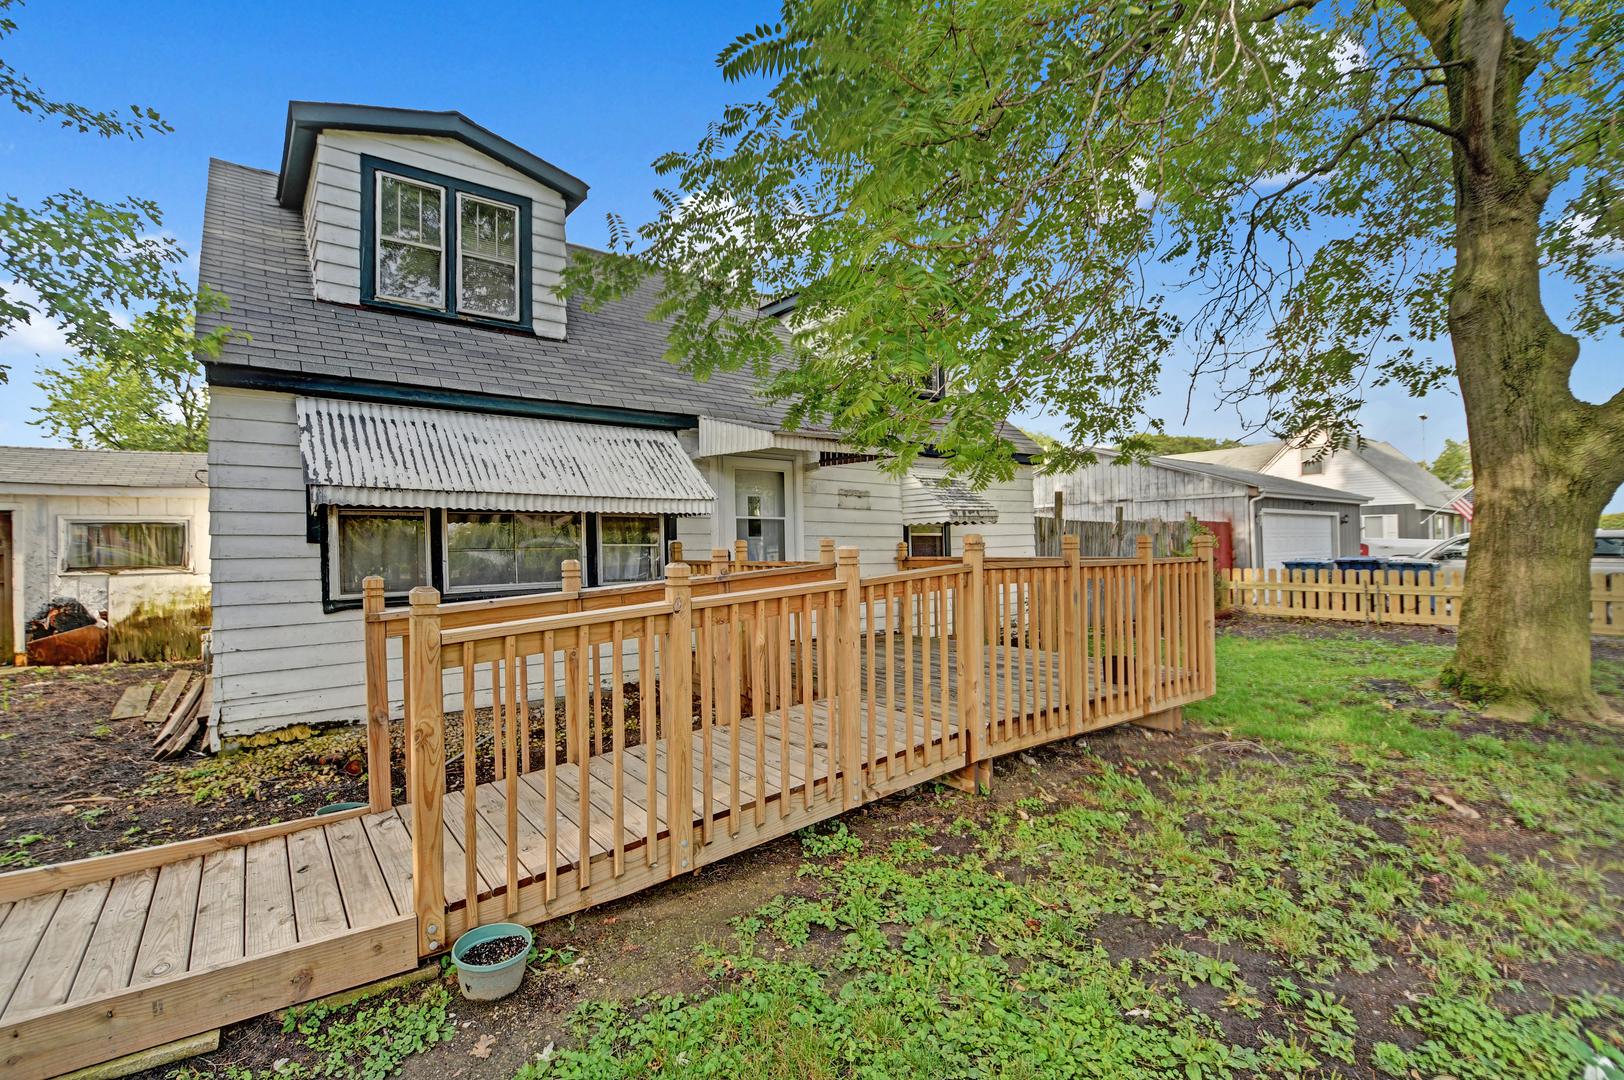 7900 West 71st, BRIDGEVIEW, Illinois, 60455